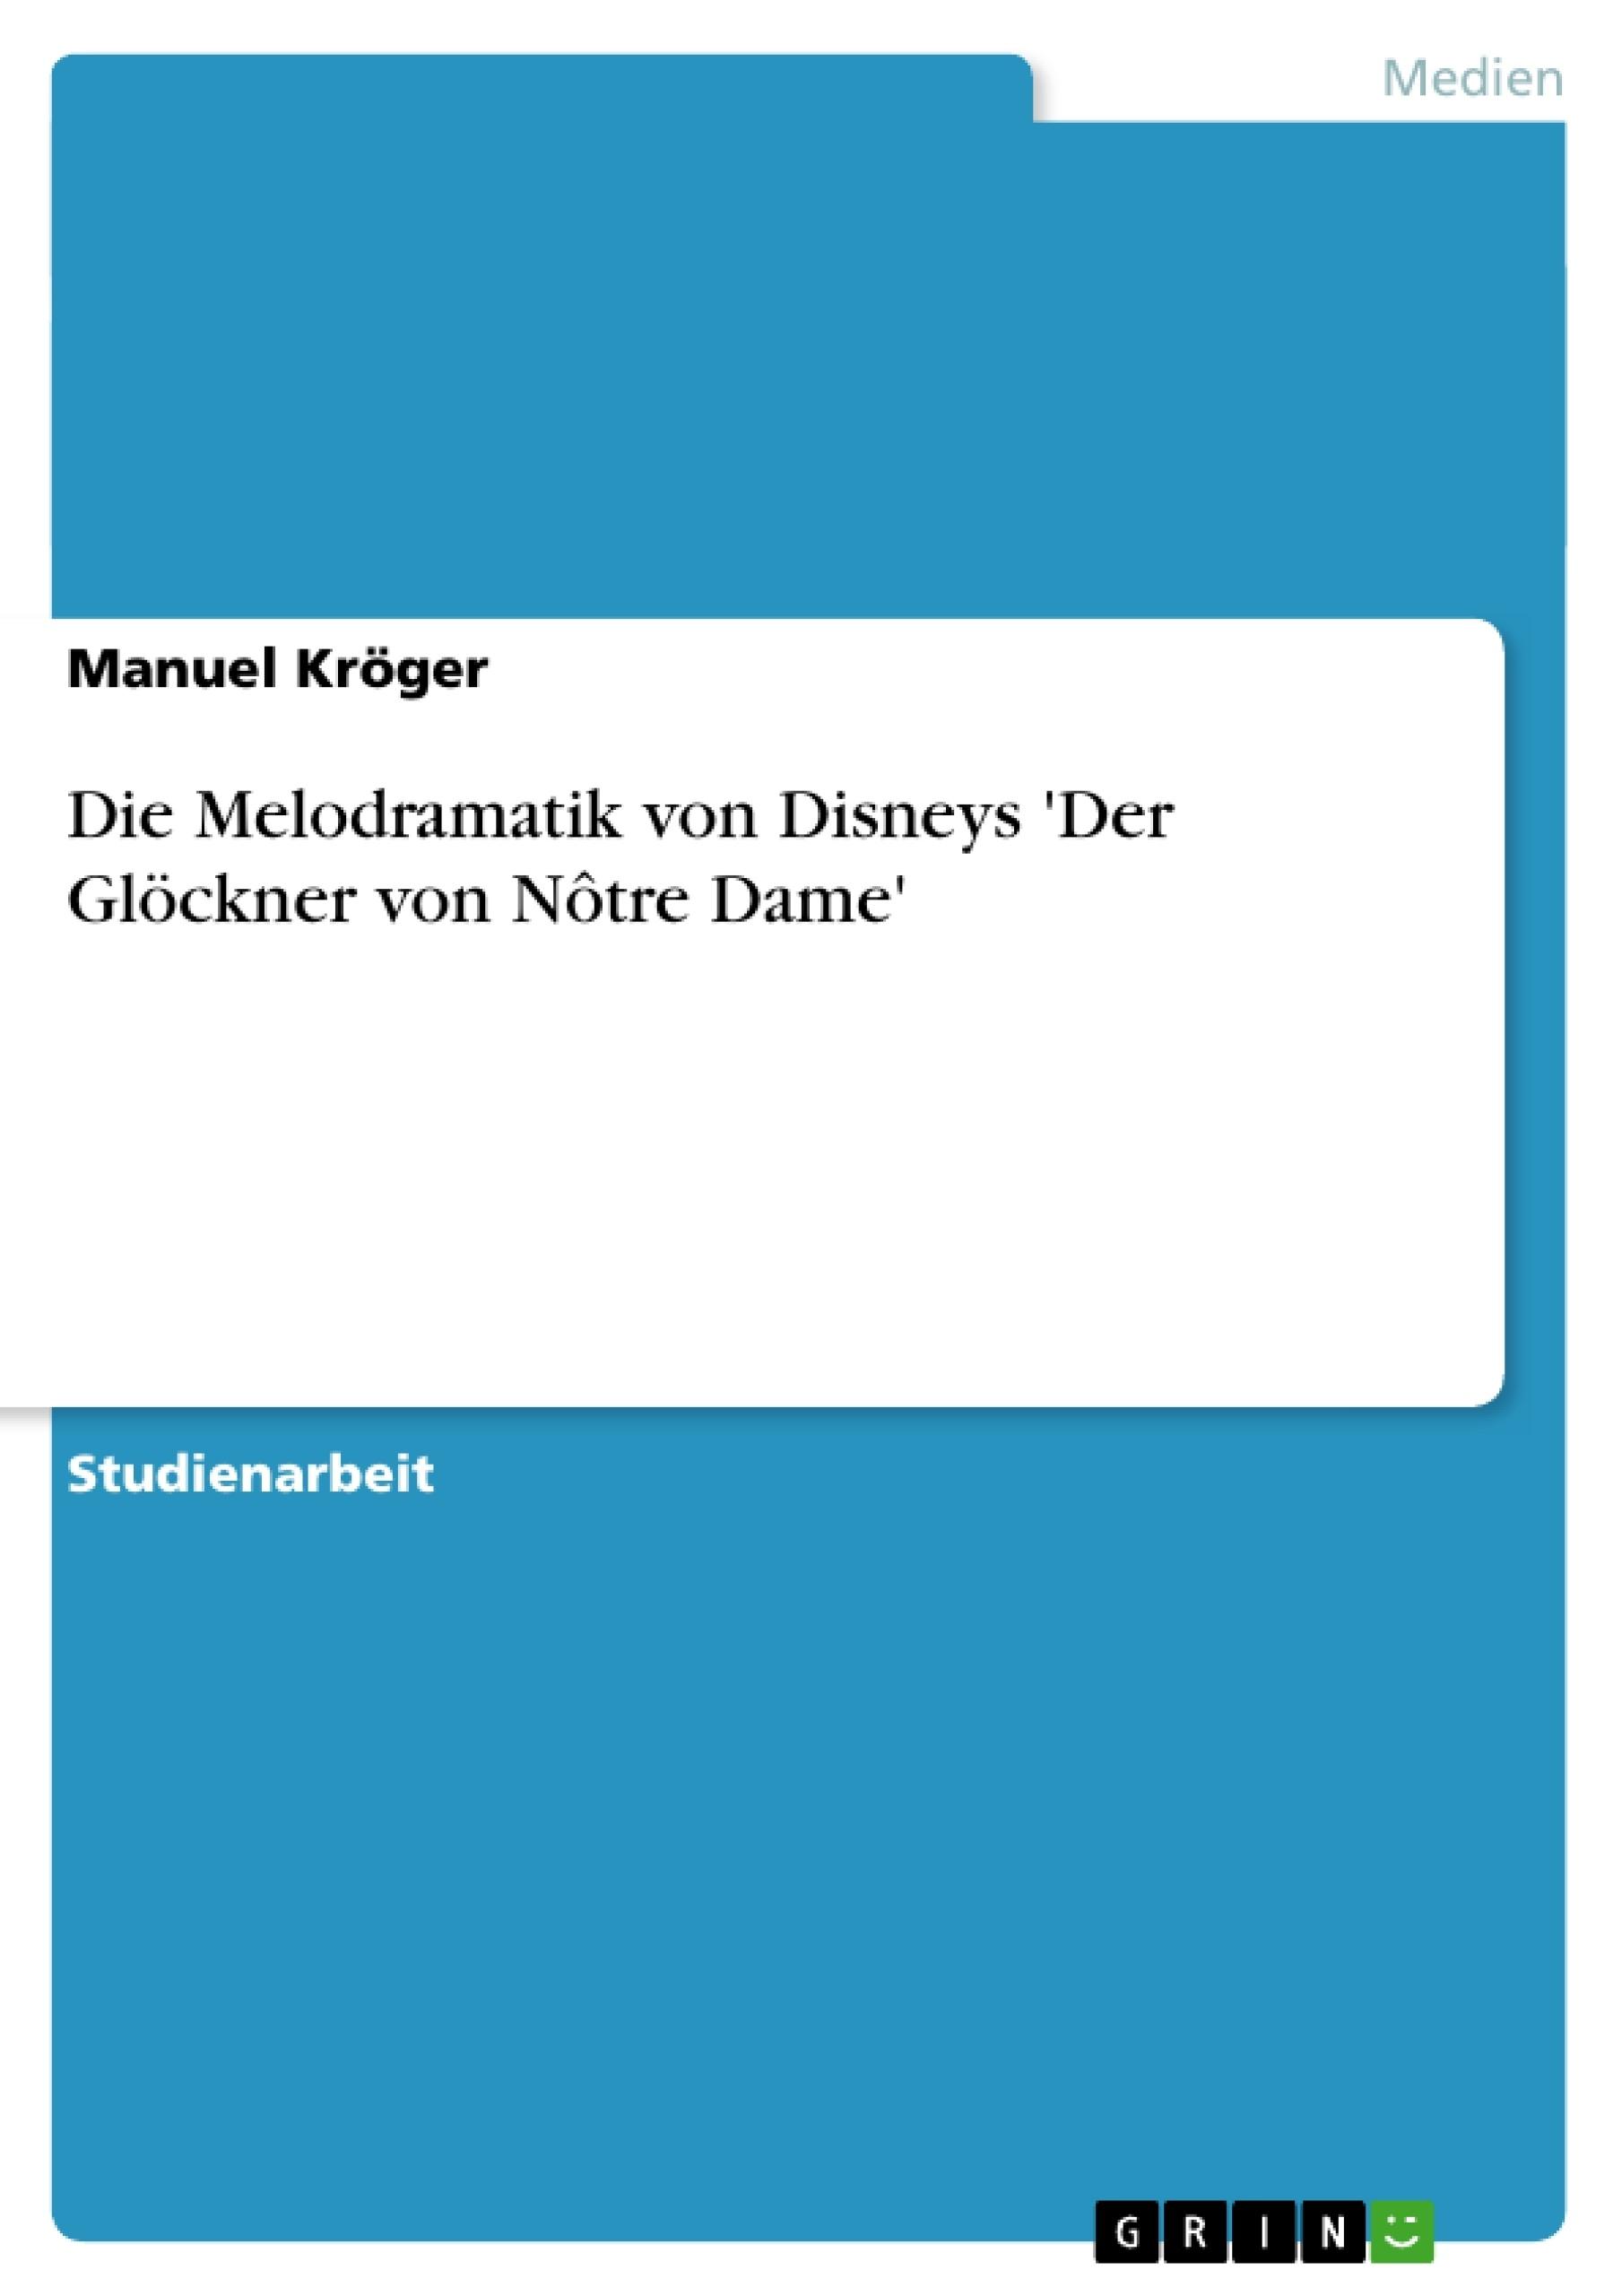 Titel: Die Melodramatik von Disneys 'Der Glöckner von Nôtre Dame'